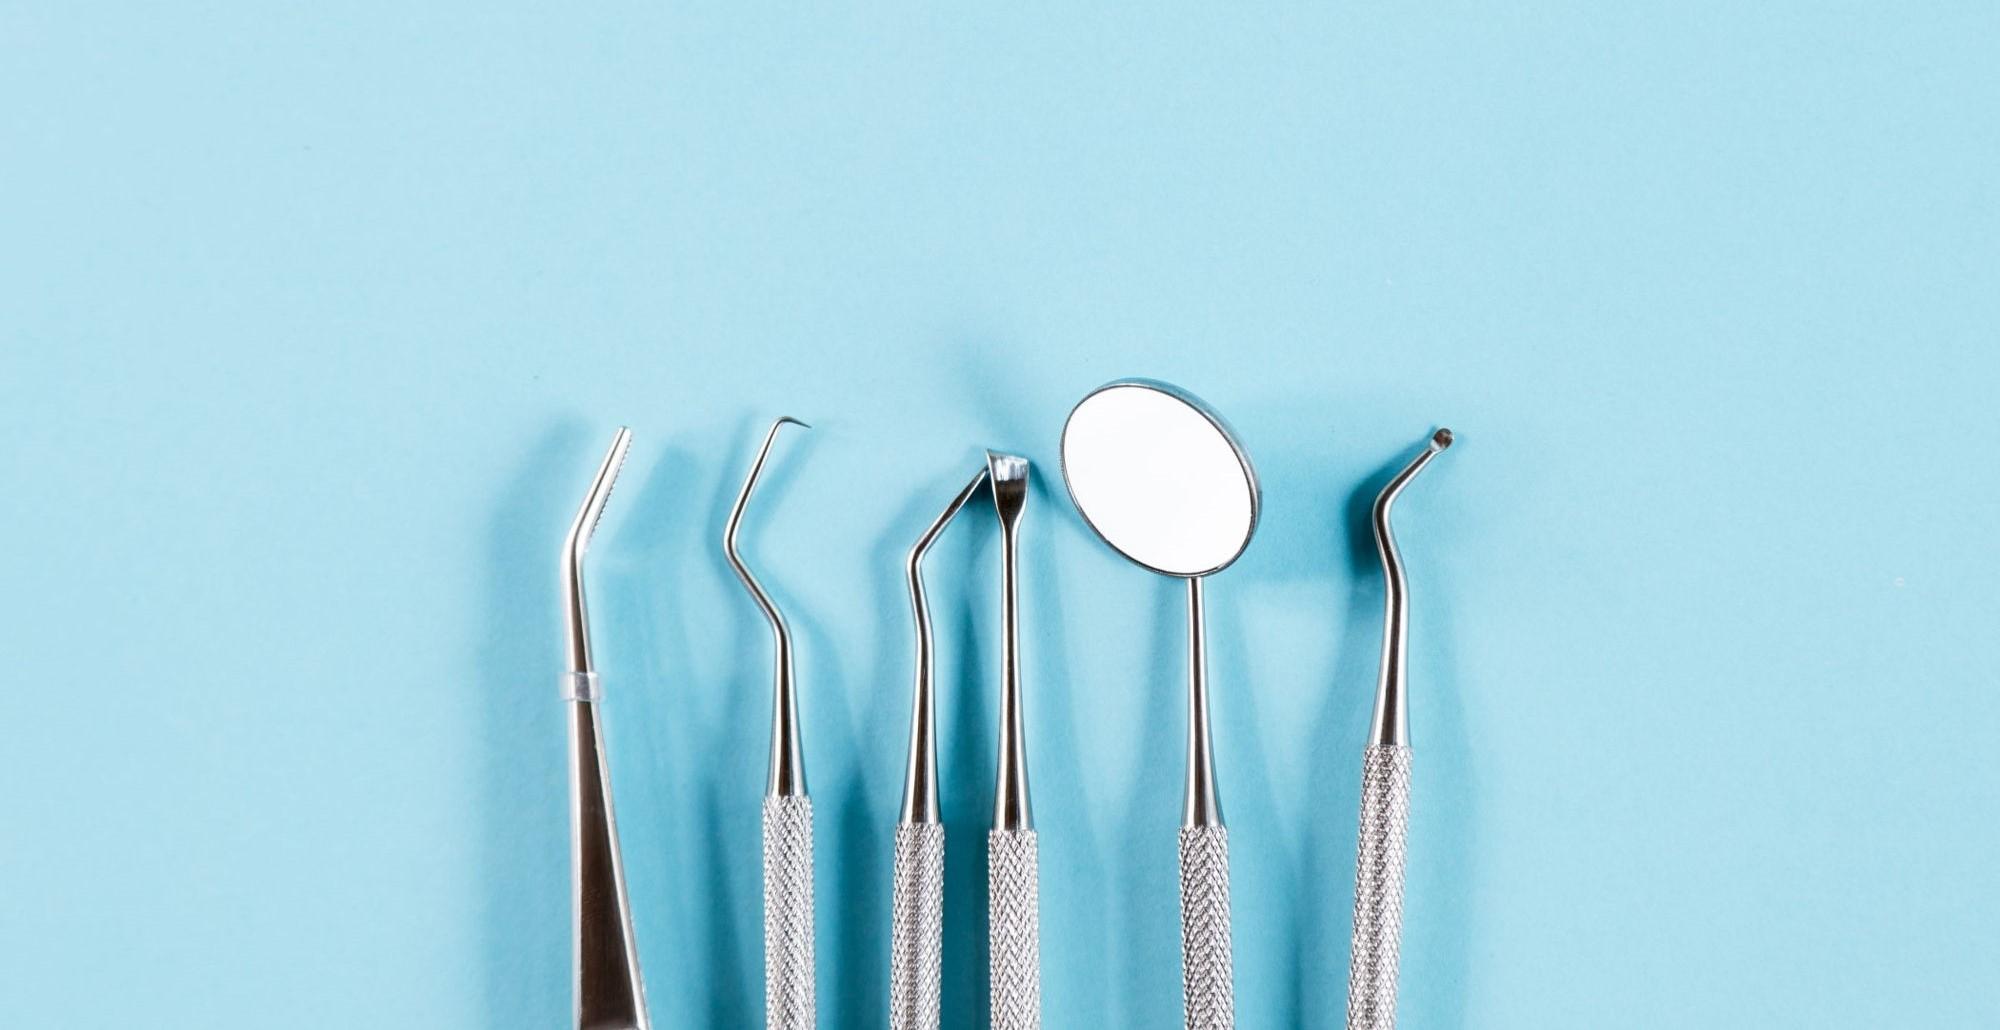 leczenie stomatologiczne w dobrym gabinecie dentystycznym